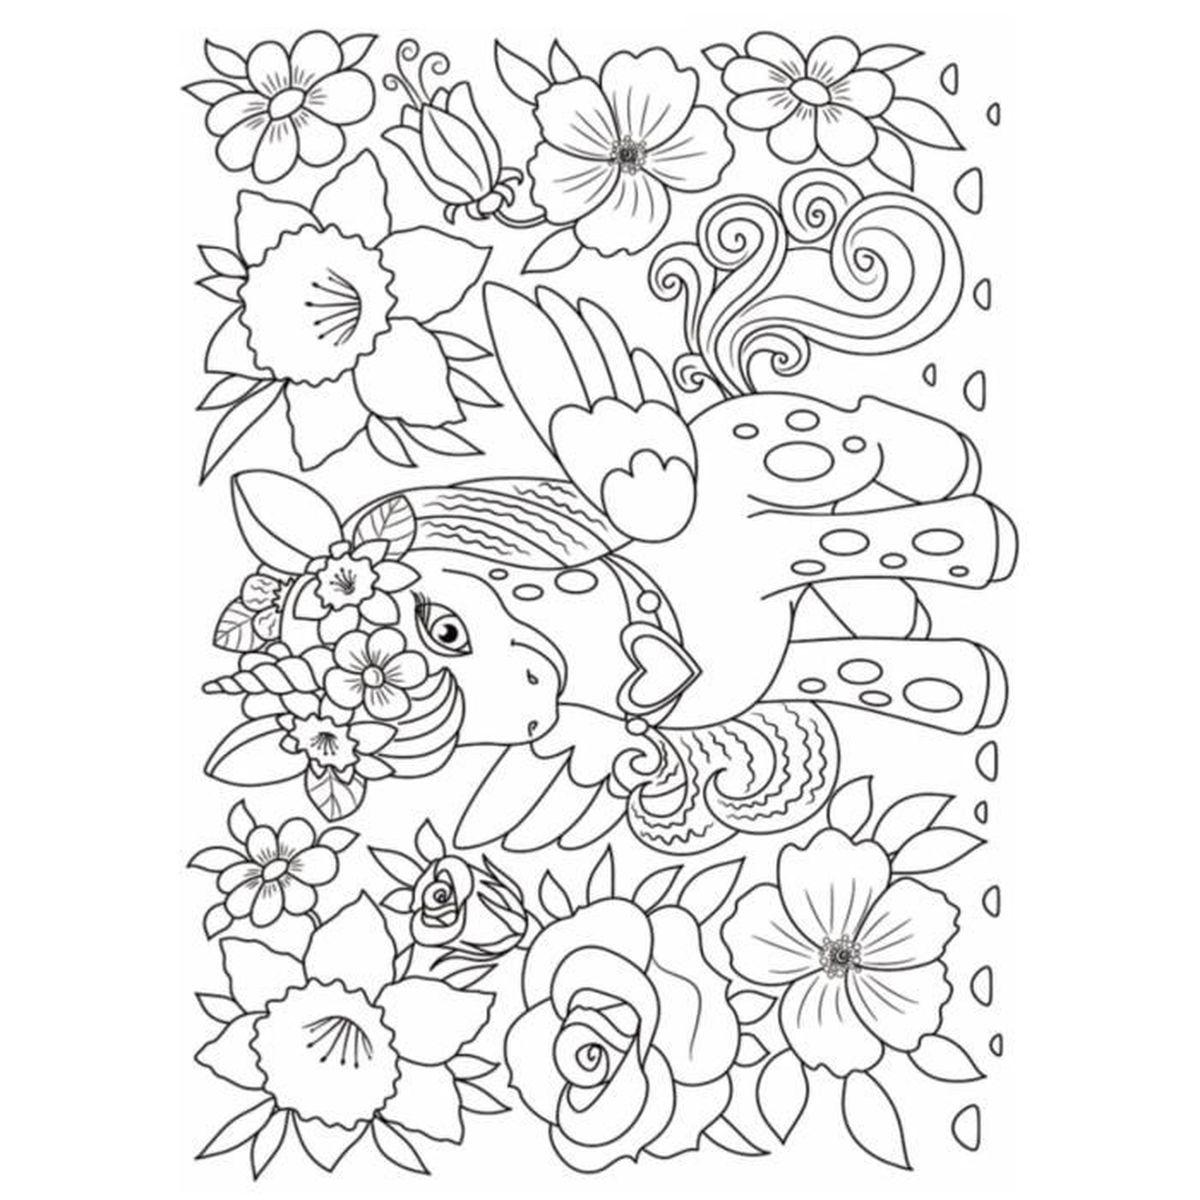 Livre De Coloriage Licorne Pour Enfant De 4 A 10 Ans 50 Dessins De Licorne Grand Format A4 Pour Les Enfants Achat Vente Livre De Coloriage Cdiscount